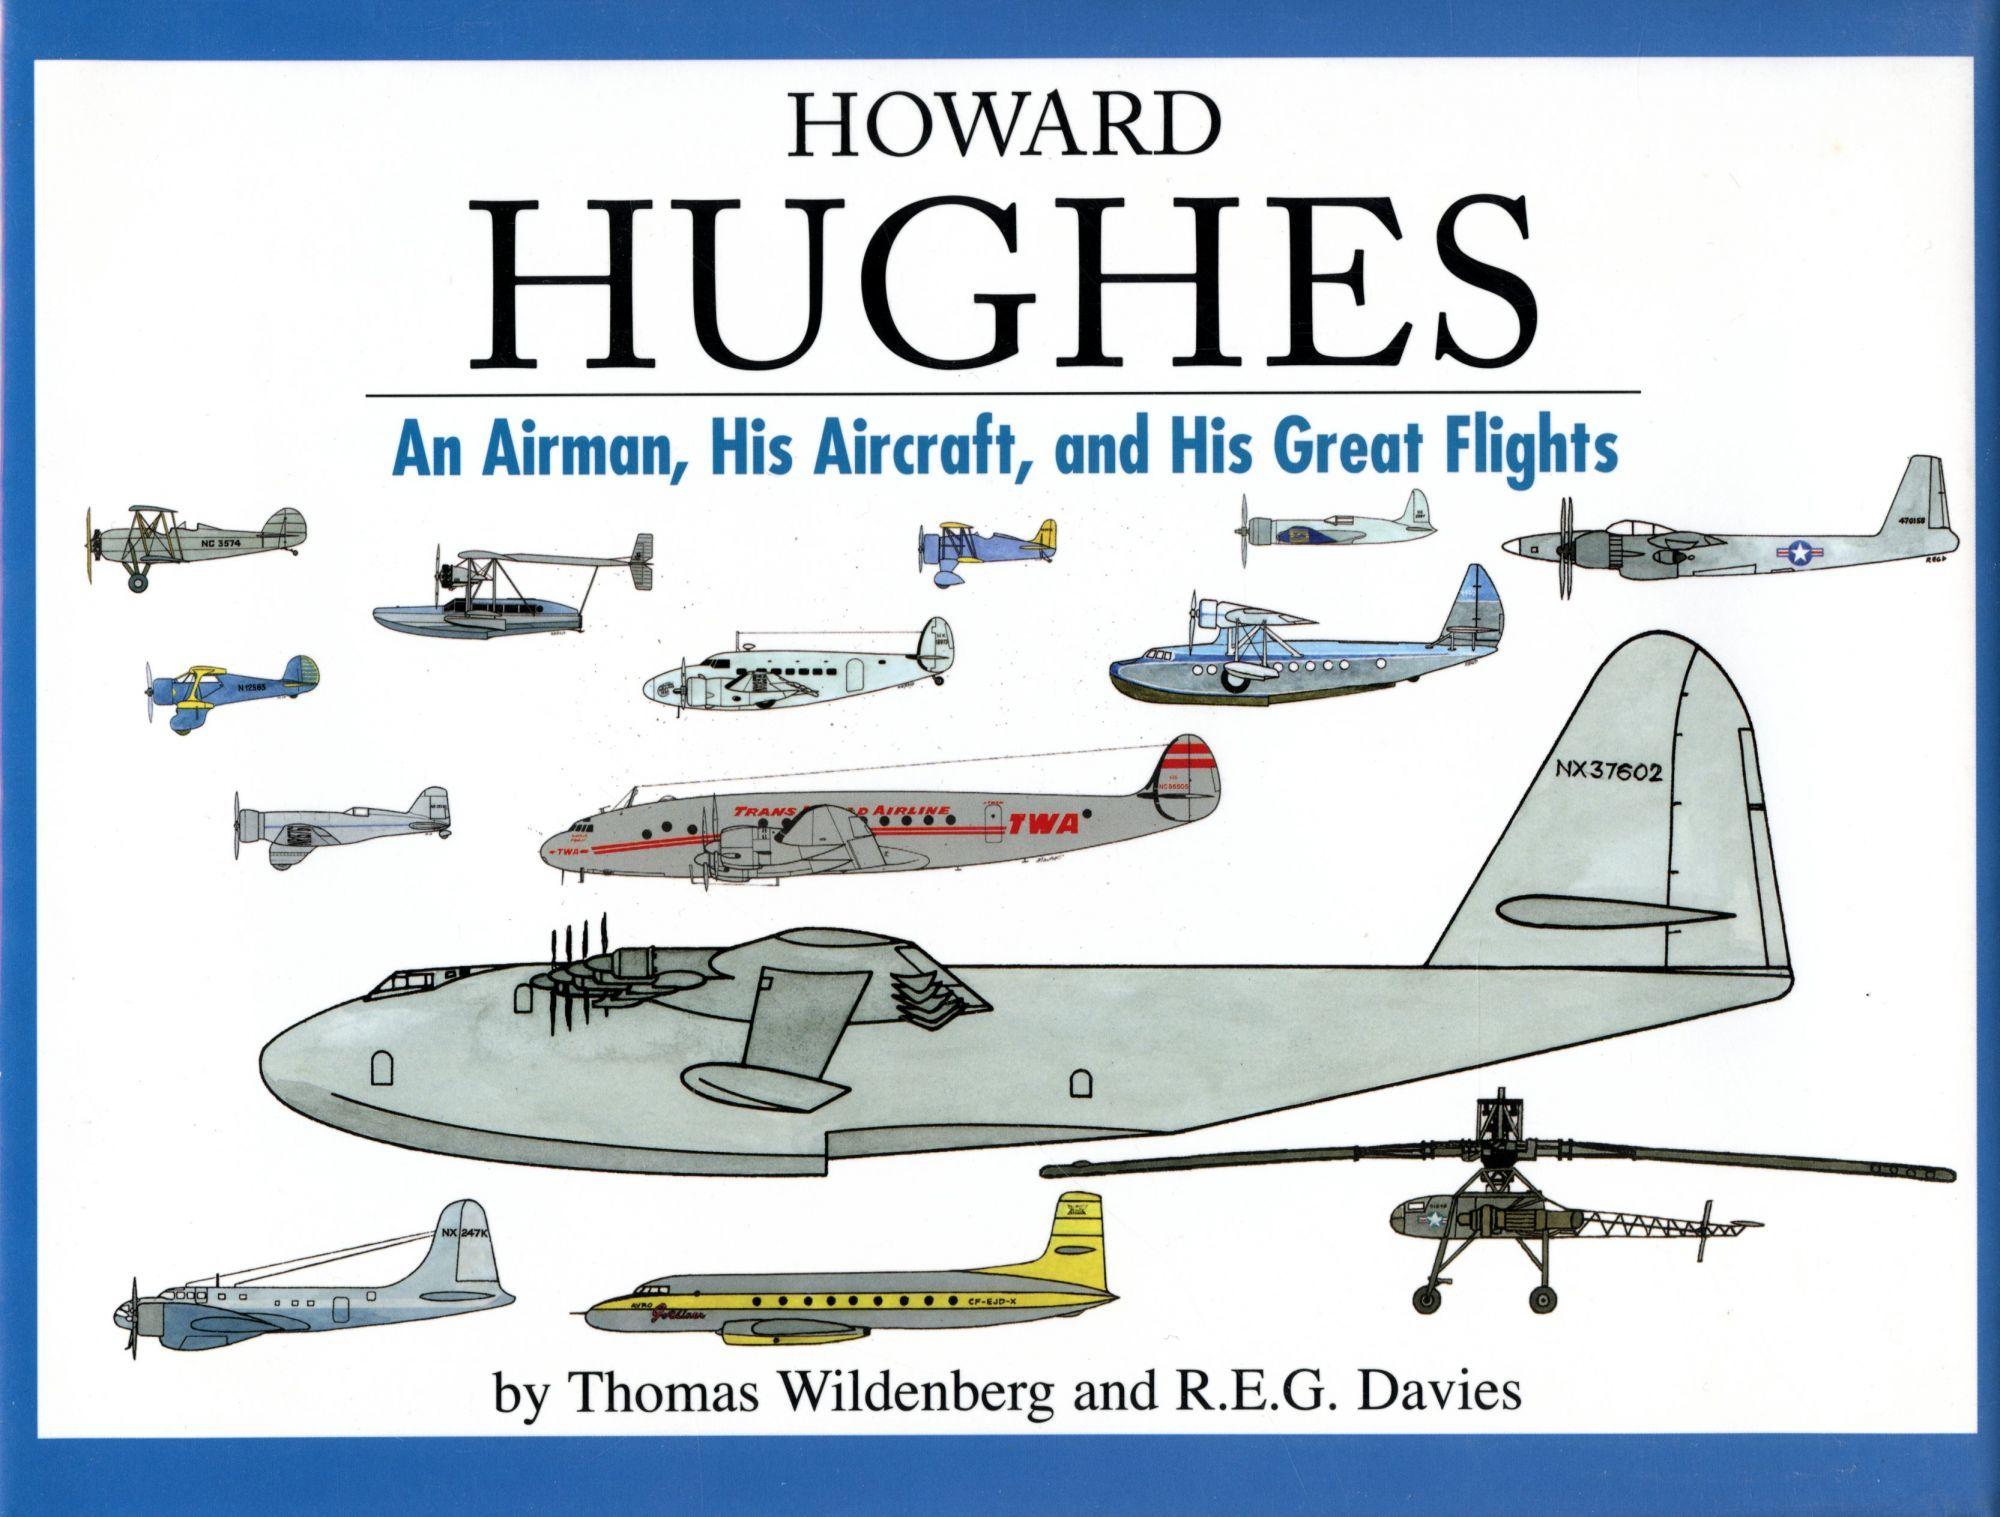 Howard Hughes His Aircraft and His Great Flight An Airman